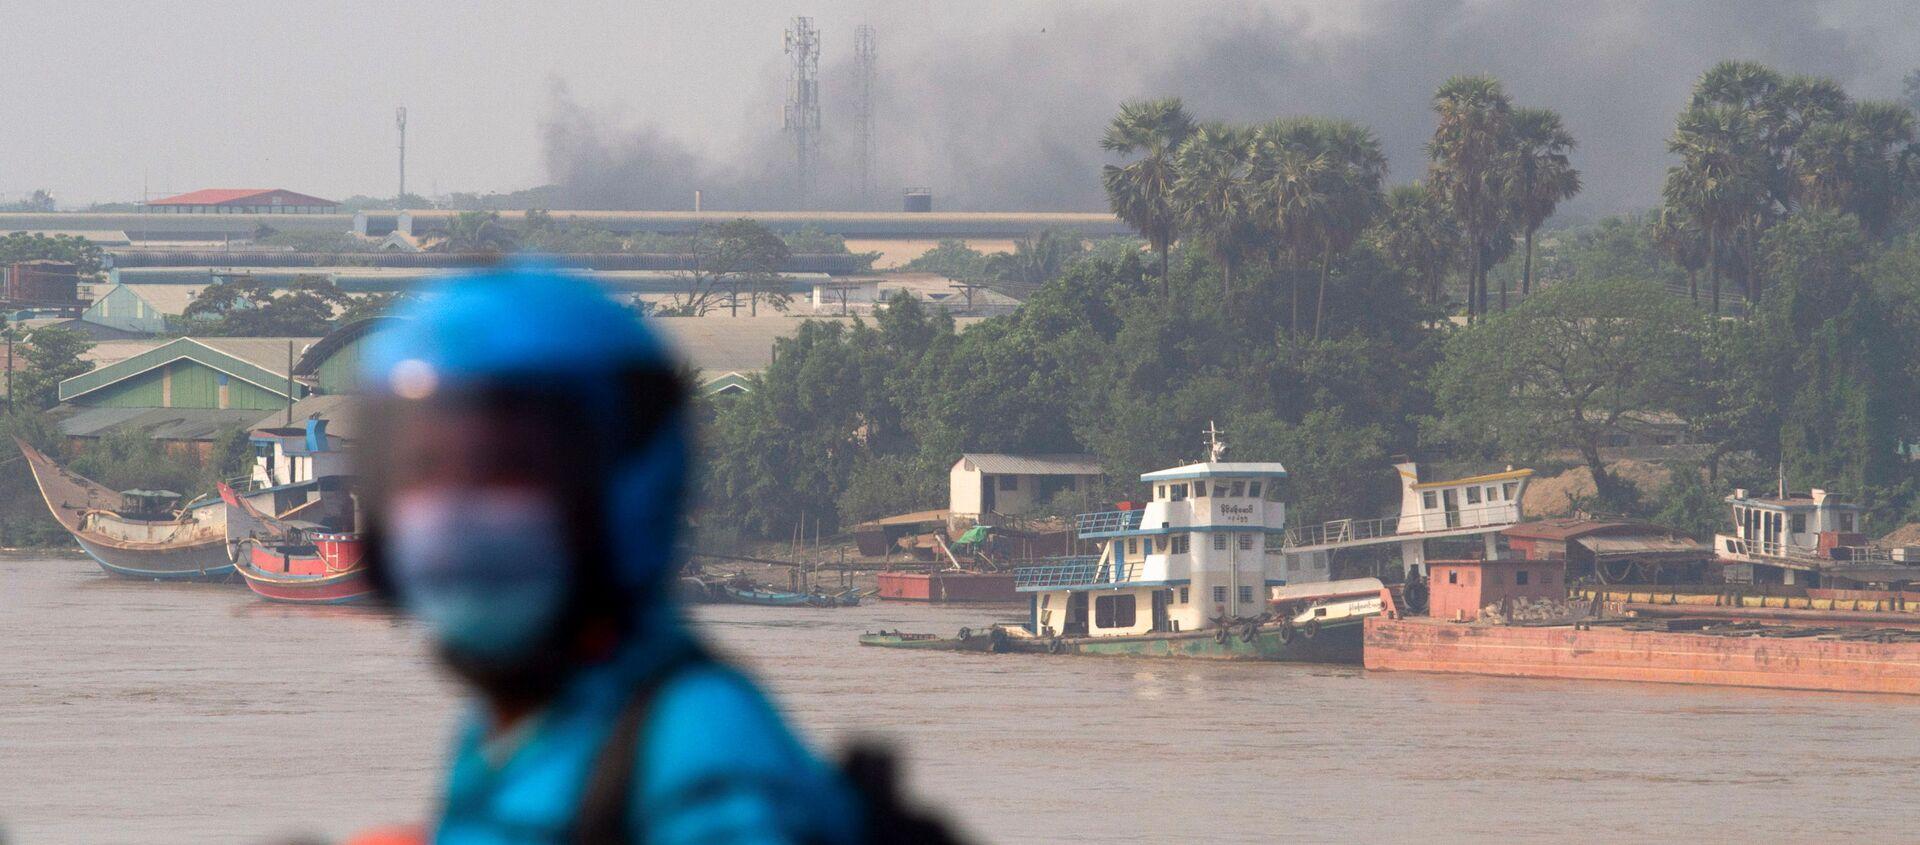 Khói từ nhà máy đang bốc cháy ở Yangon. - Sputnik Việt Nam, 1920, 15.03.2021